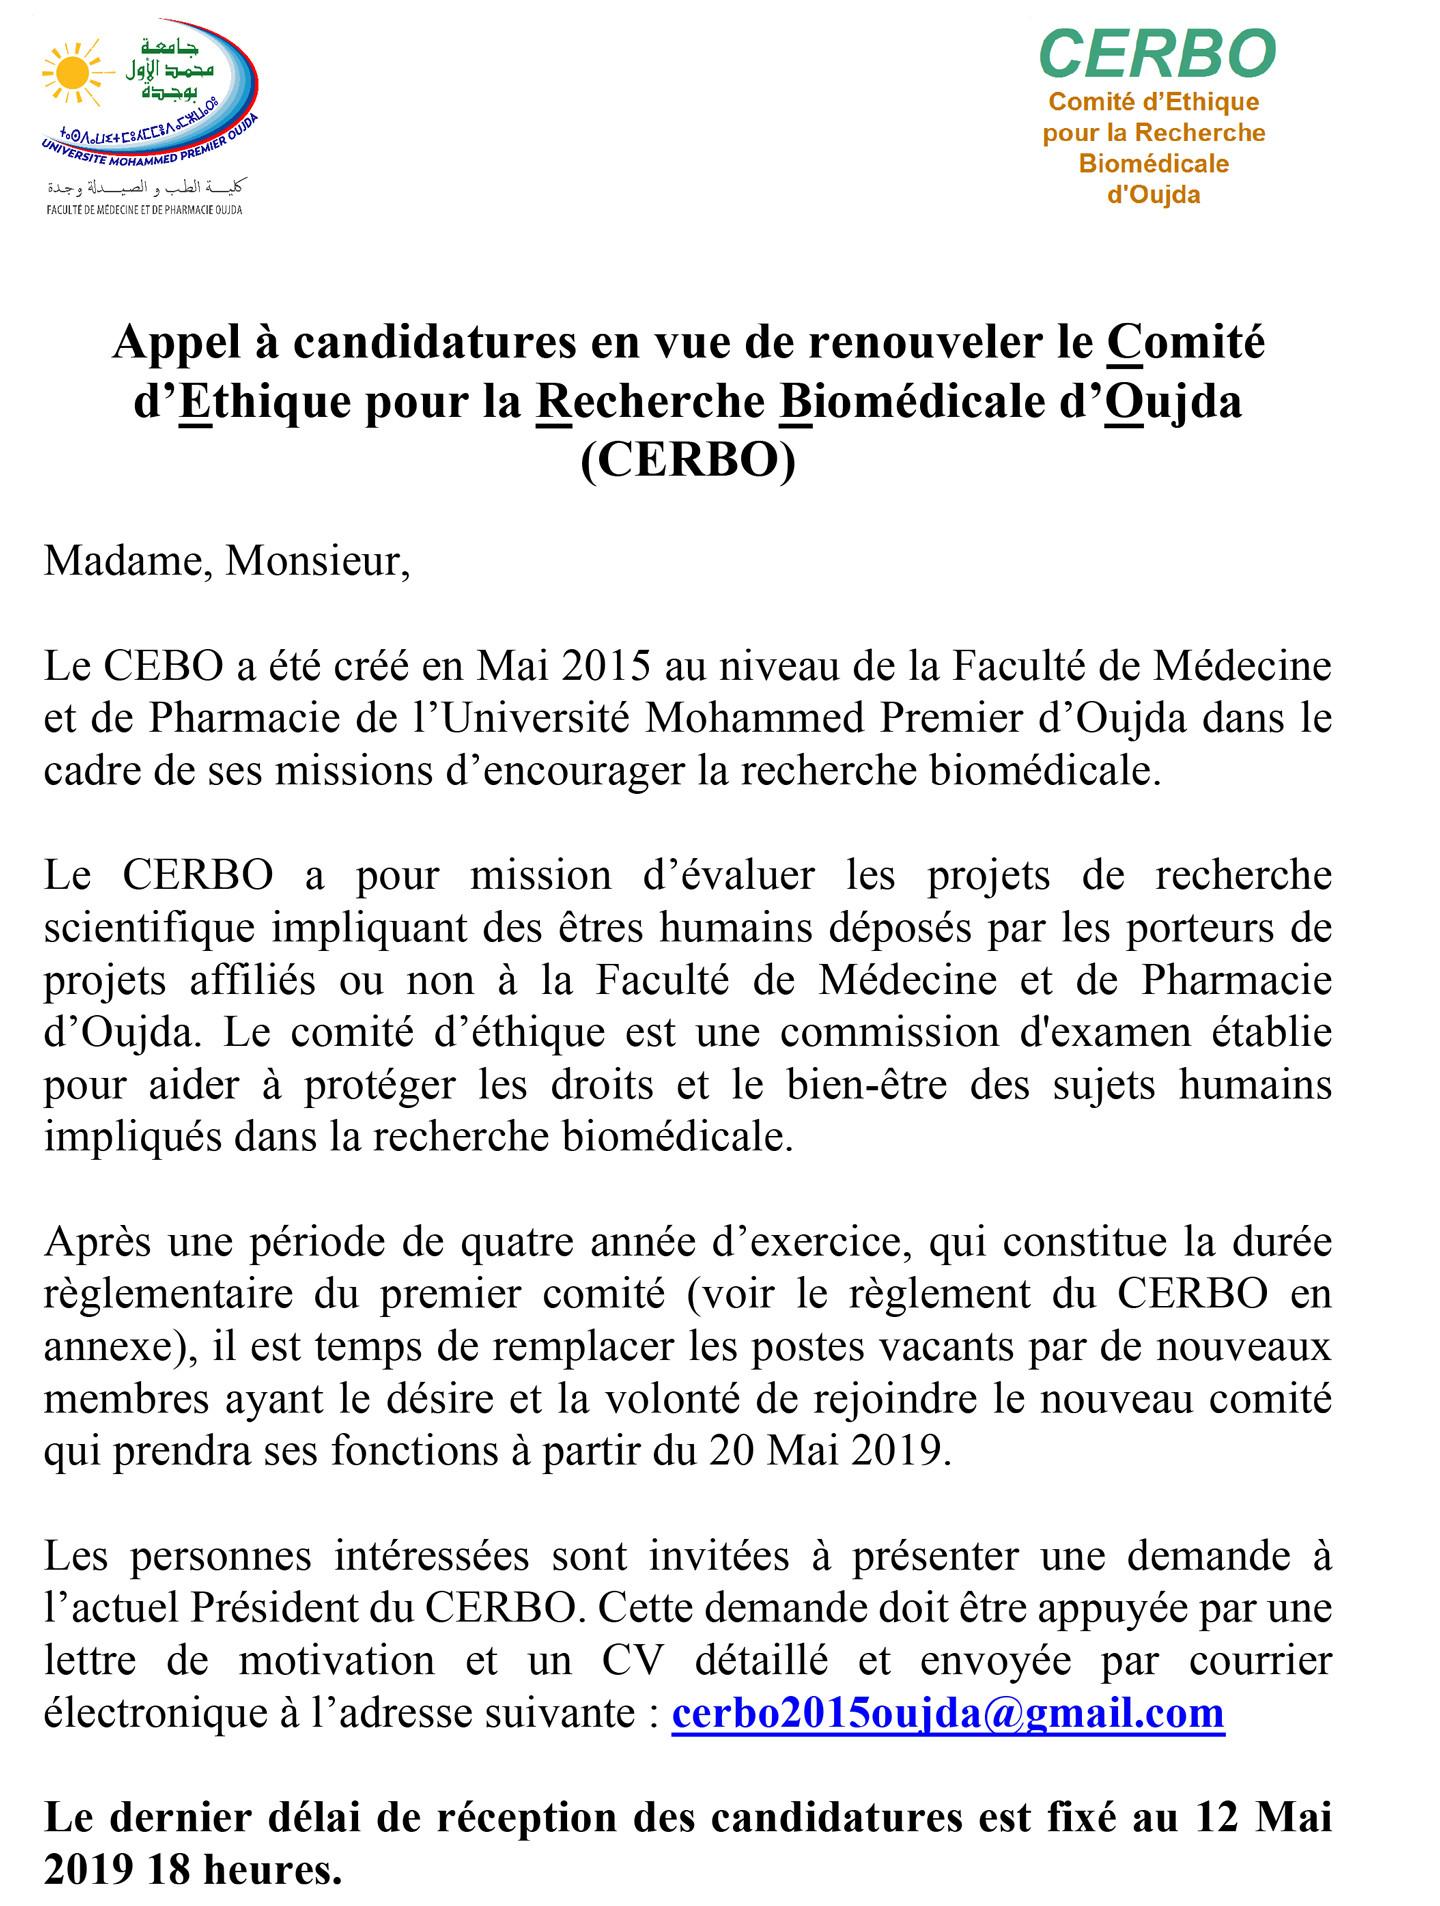 Appel à candidatures en vue de renouveler le Comité d'Ethique pour la Recherche Biomédicale d'Oujda (CERBO)